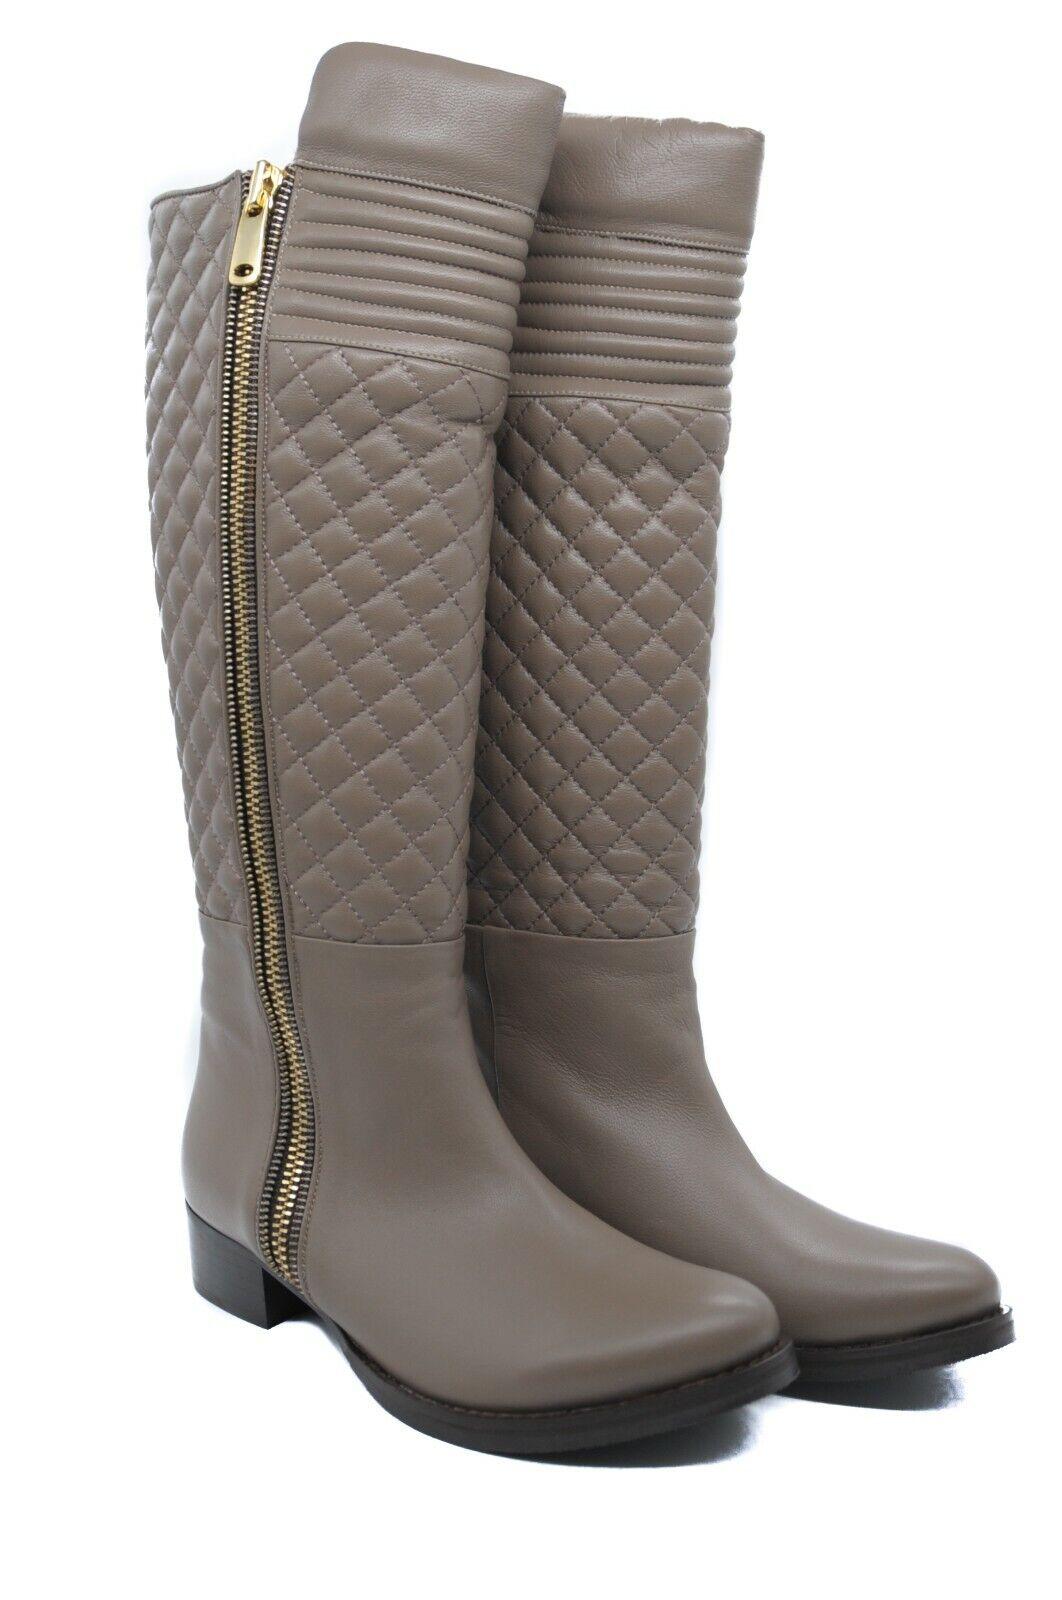 Goody 2 zapatos Mujer Cuero Beige botas Hasta La Rodilla Acolchada estilo de conducción